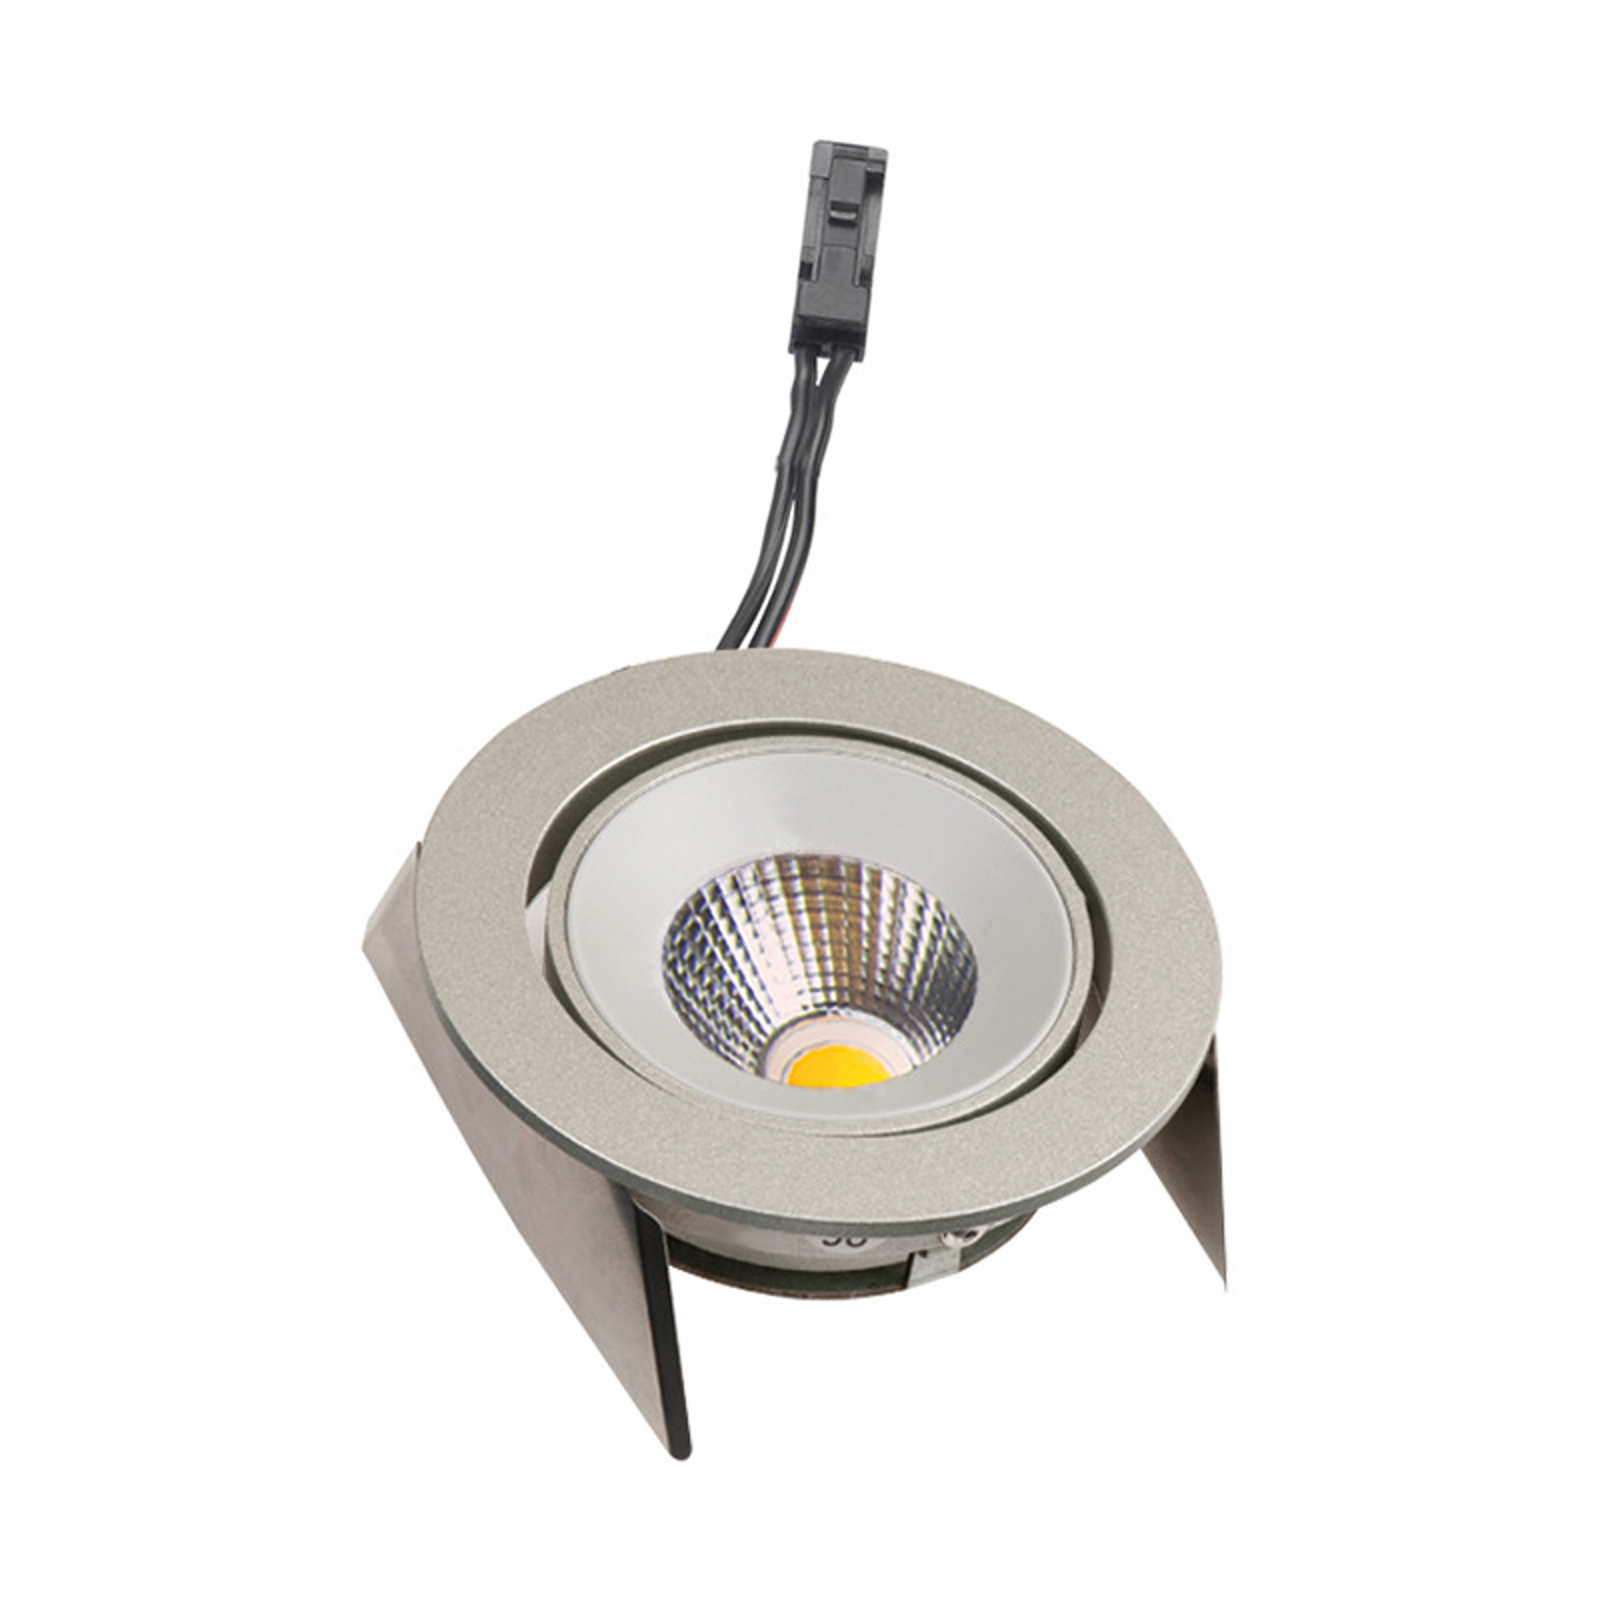 Lampe encastrée LED SR 68 43° Dim-to-Warm, inox